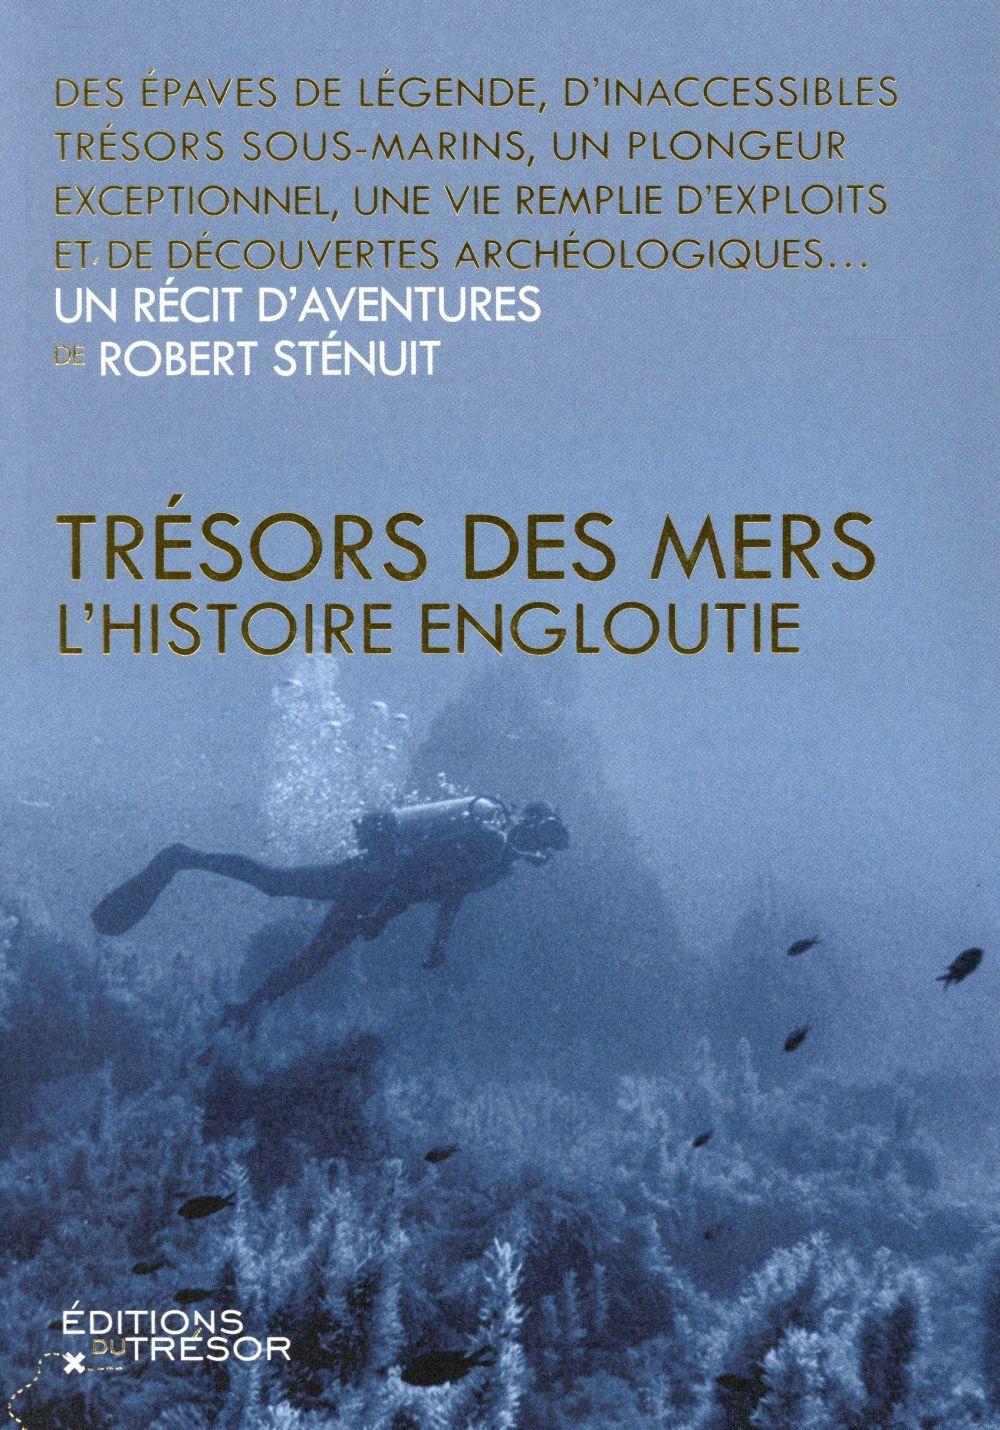 TRESOR DES MER, L'HISTOIRE ENGLOUTIE